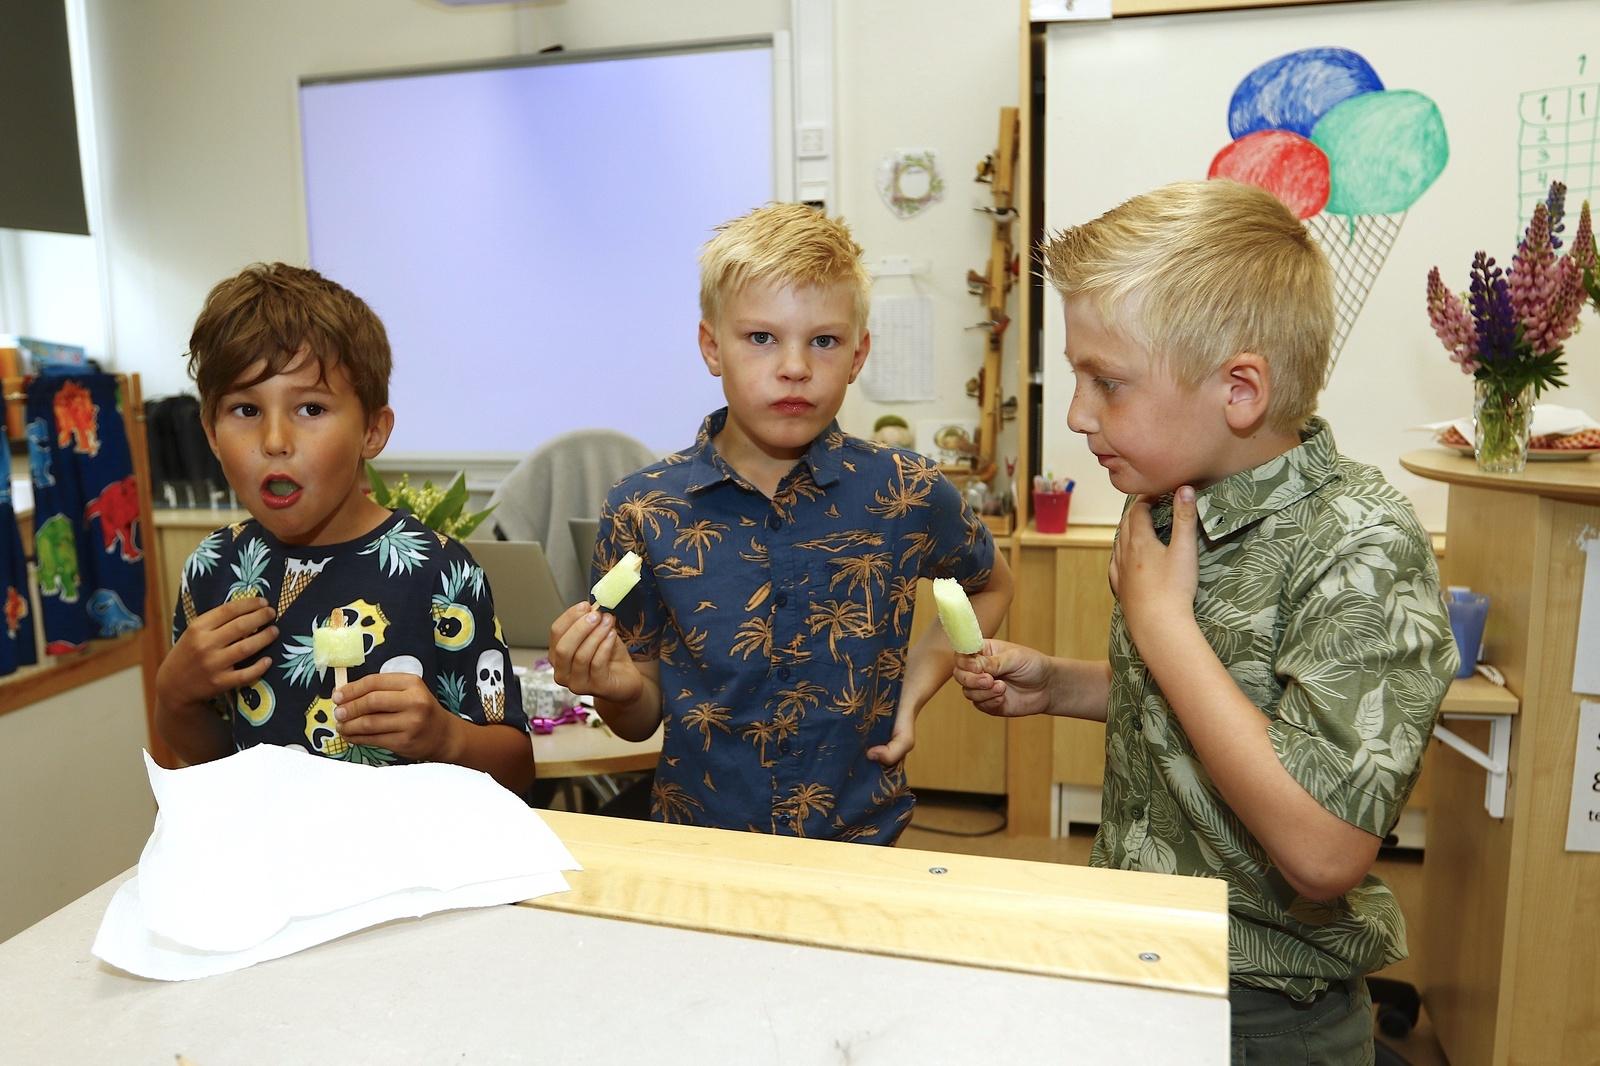 Det var inte fullt lika roligt som det lät att äta en isglass så snabbt som möjligt. Det kan Lucas Cakir Thor, Leon Torkelsson och Nils Lundgren i första klass på Dalstorpsskolan intyga.